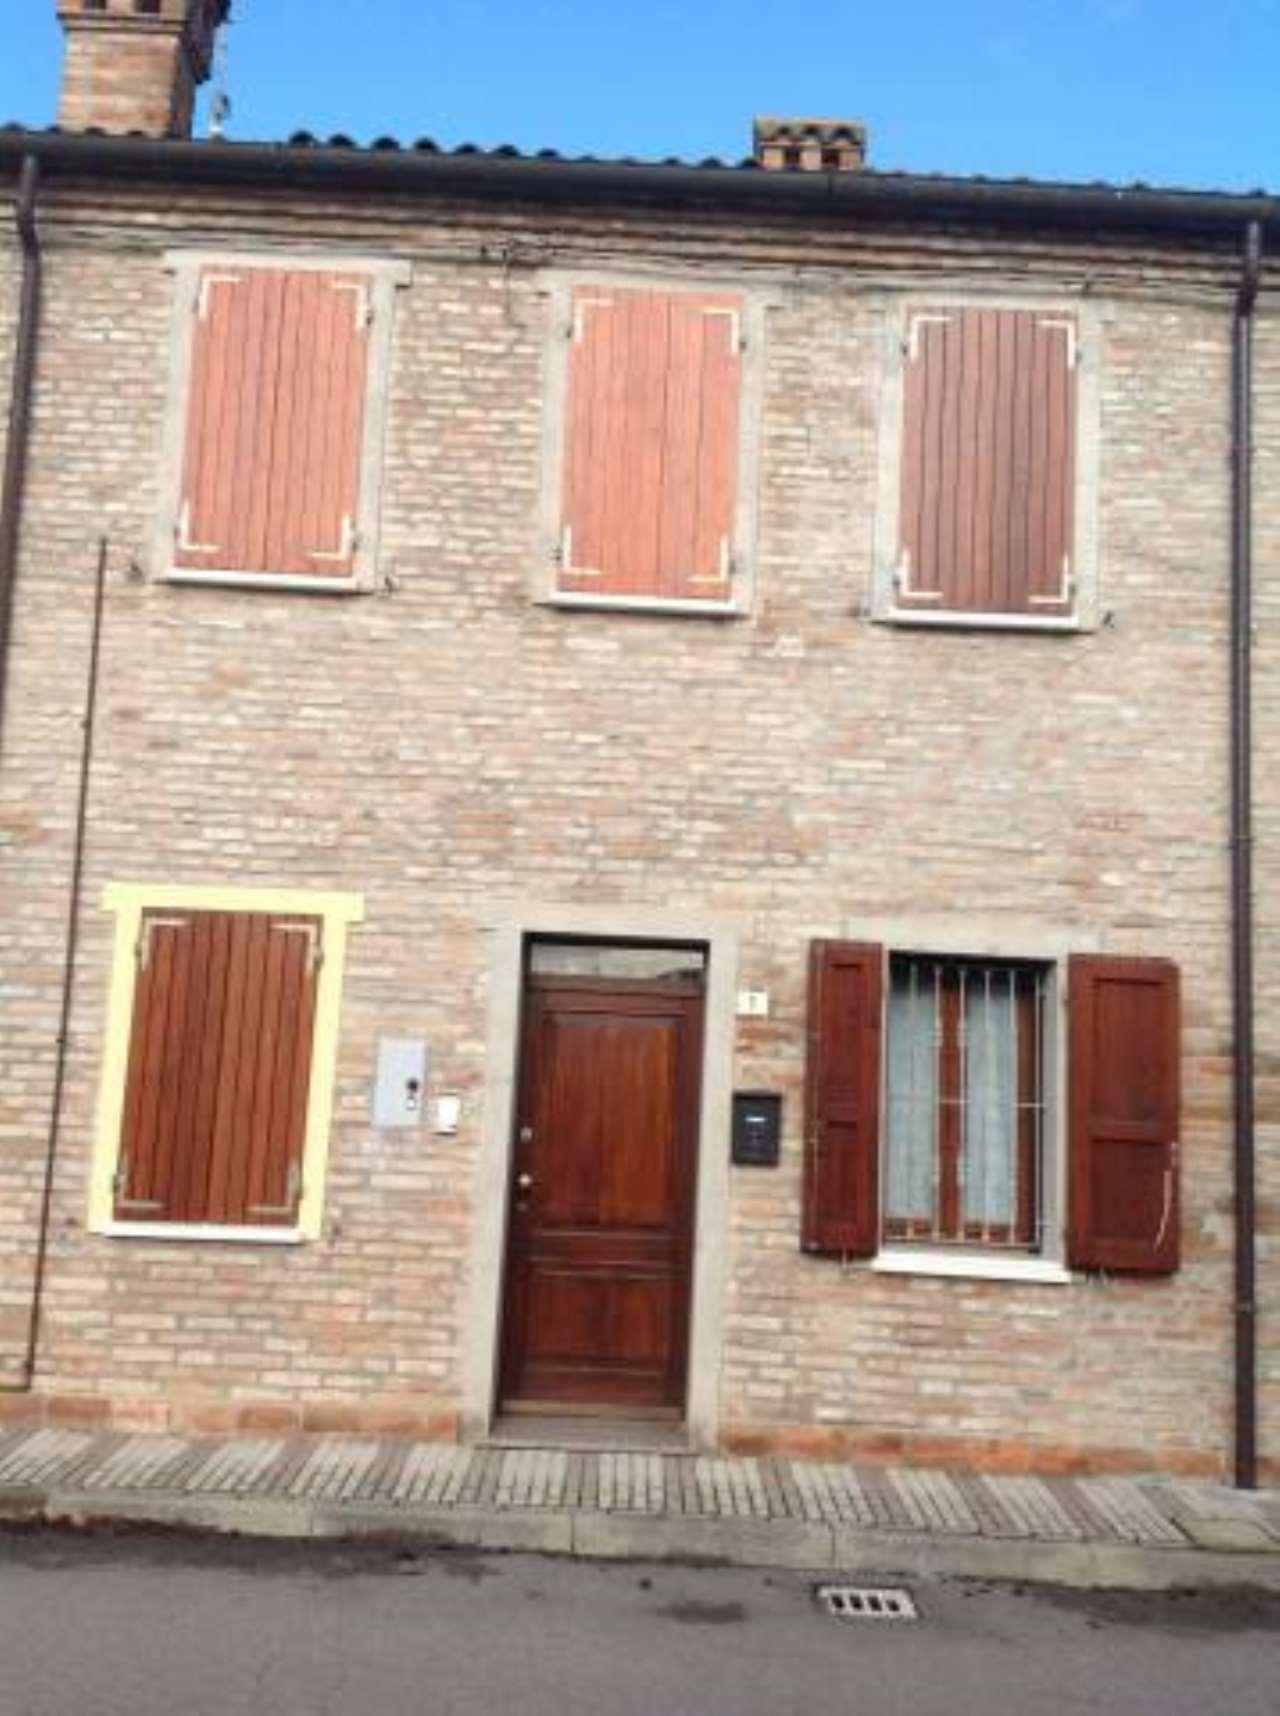 Appartamento in vendita a Masi Torello, 3 locali, prezzo € 75.000 | CambioCasa.it